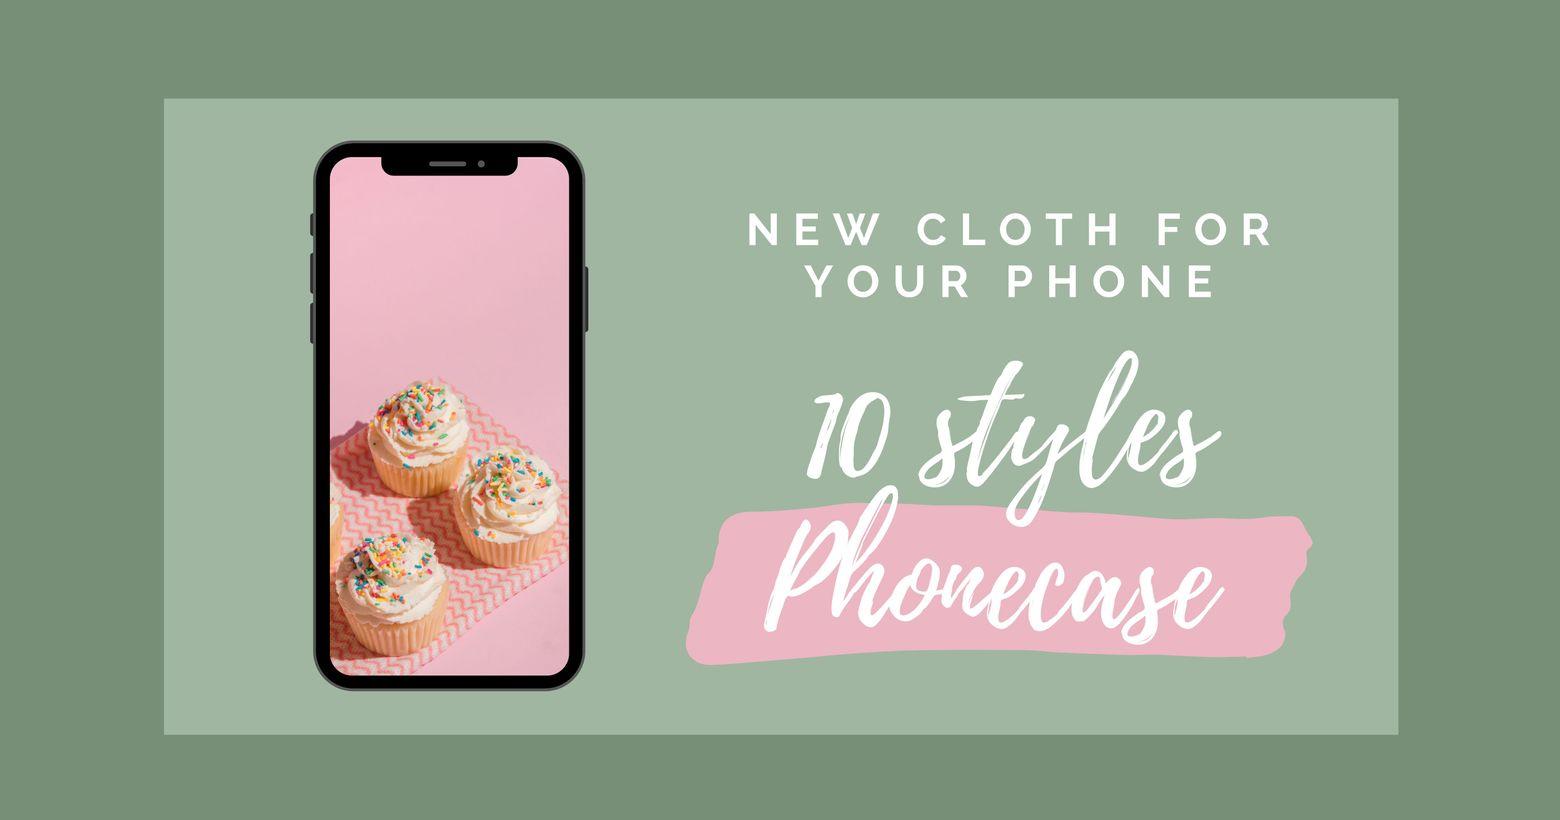 幫你的手機換新衣 5家不同風格 10款手機殼推薦去年底換了12mini後就一直在找喜歡的殼,一直找了